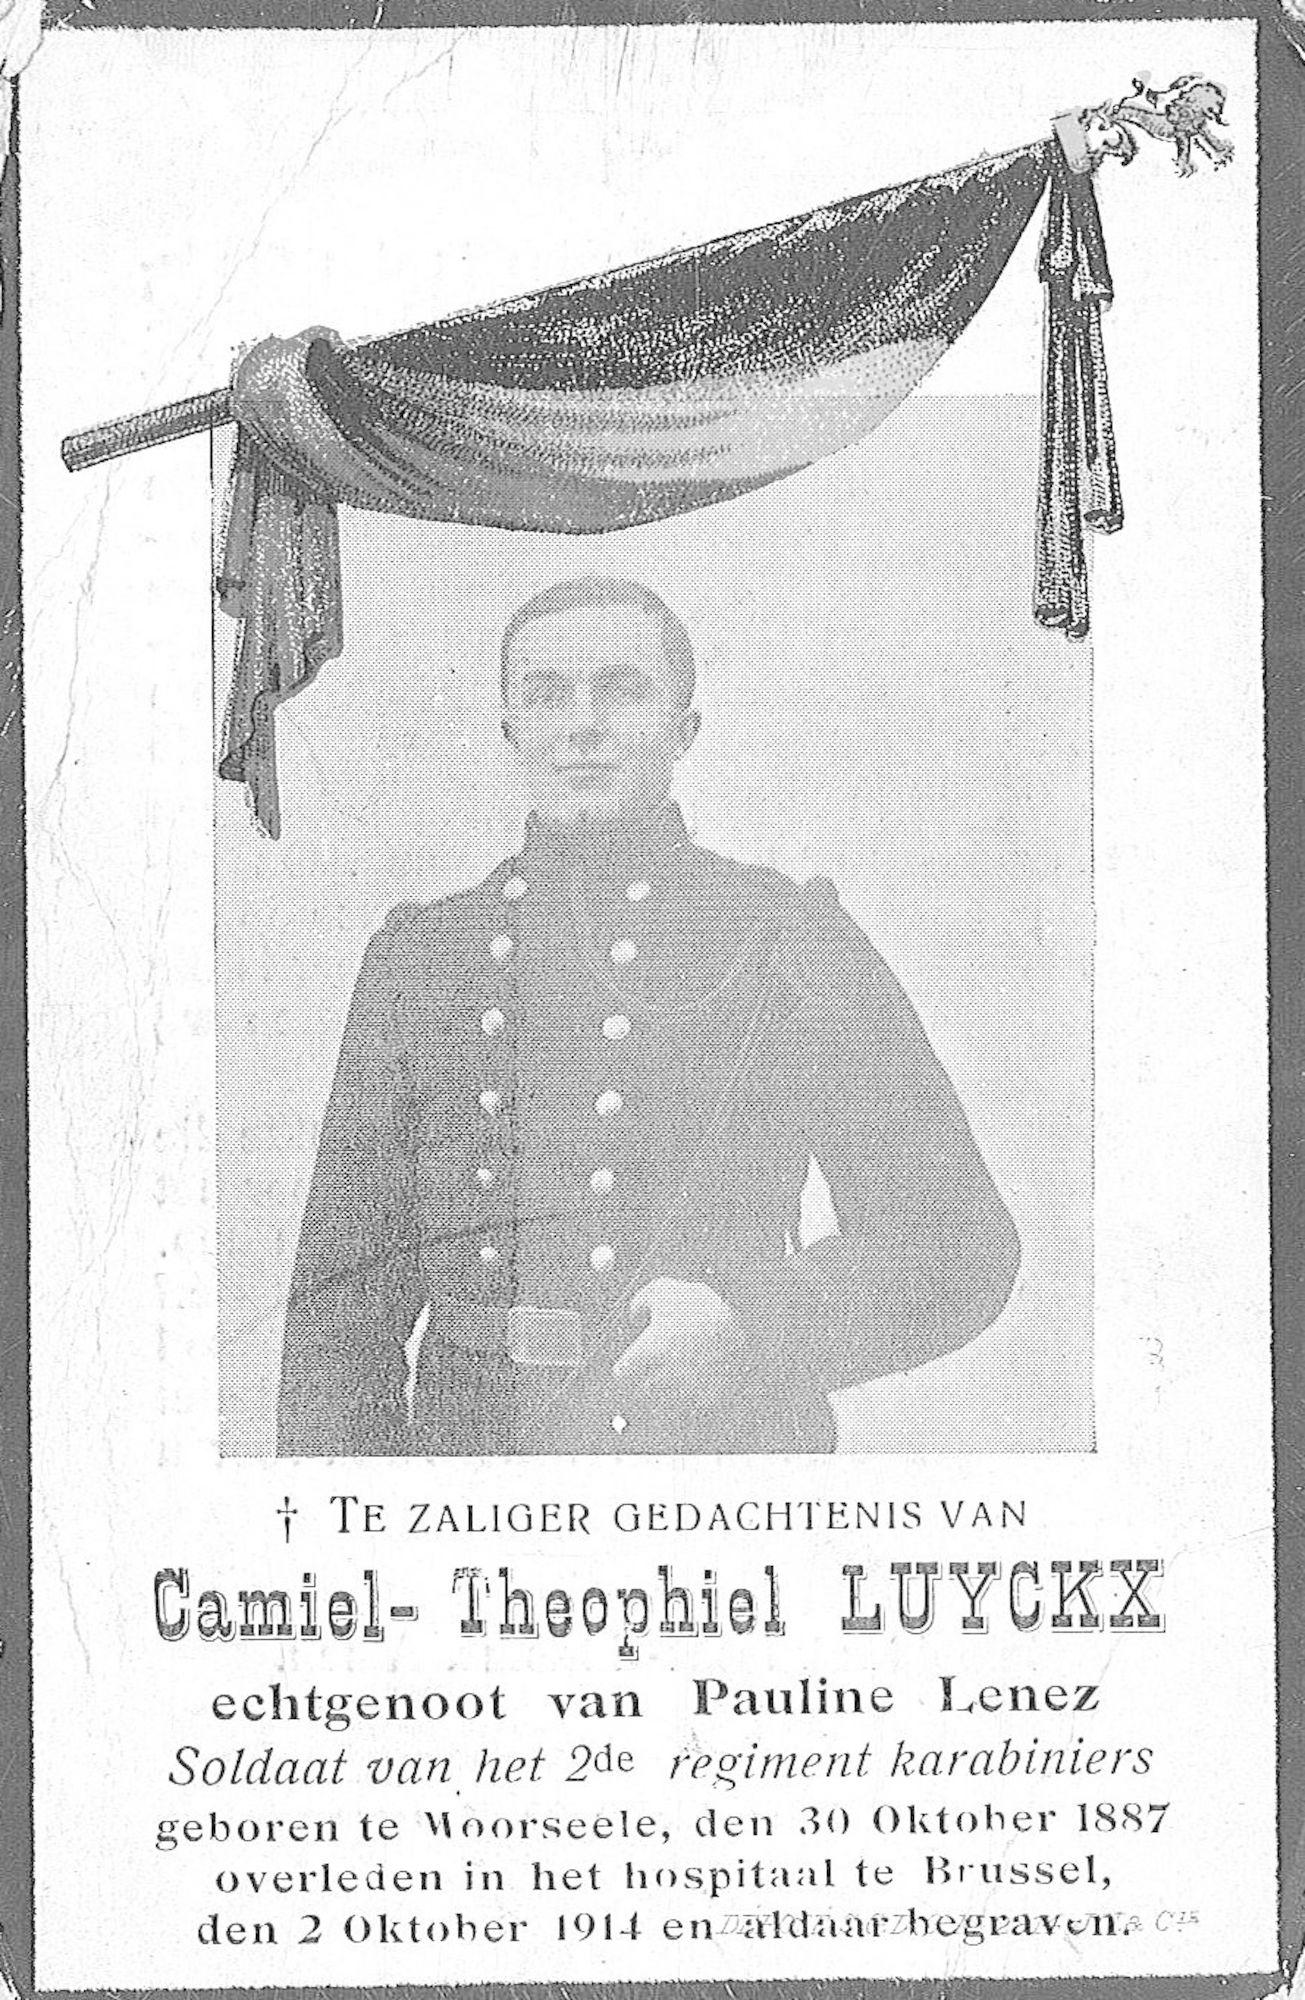 Camiel-Theophiel Luyckx